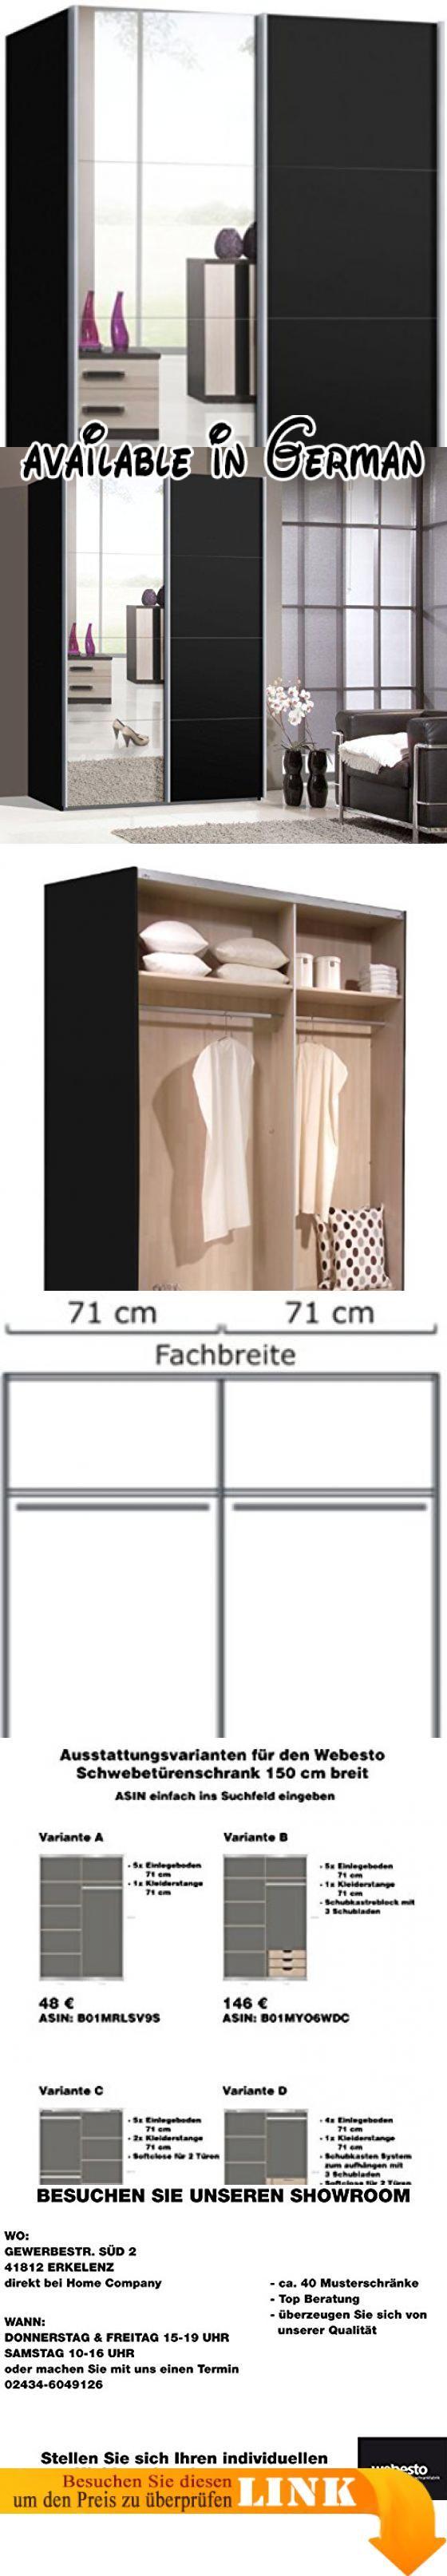 B00EZ21AT4 : Schwebetürenschrank Schiebetürenschrank Ca. 150 Cm Breit  Schwarz Matt Mit Spiegel Kleiderschrank. #